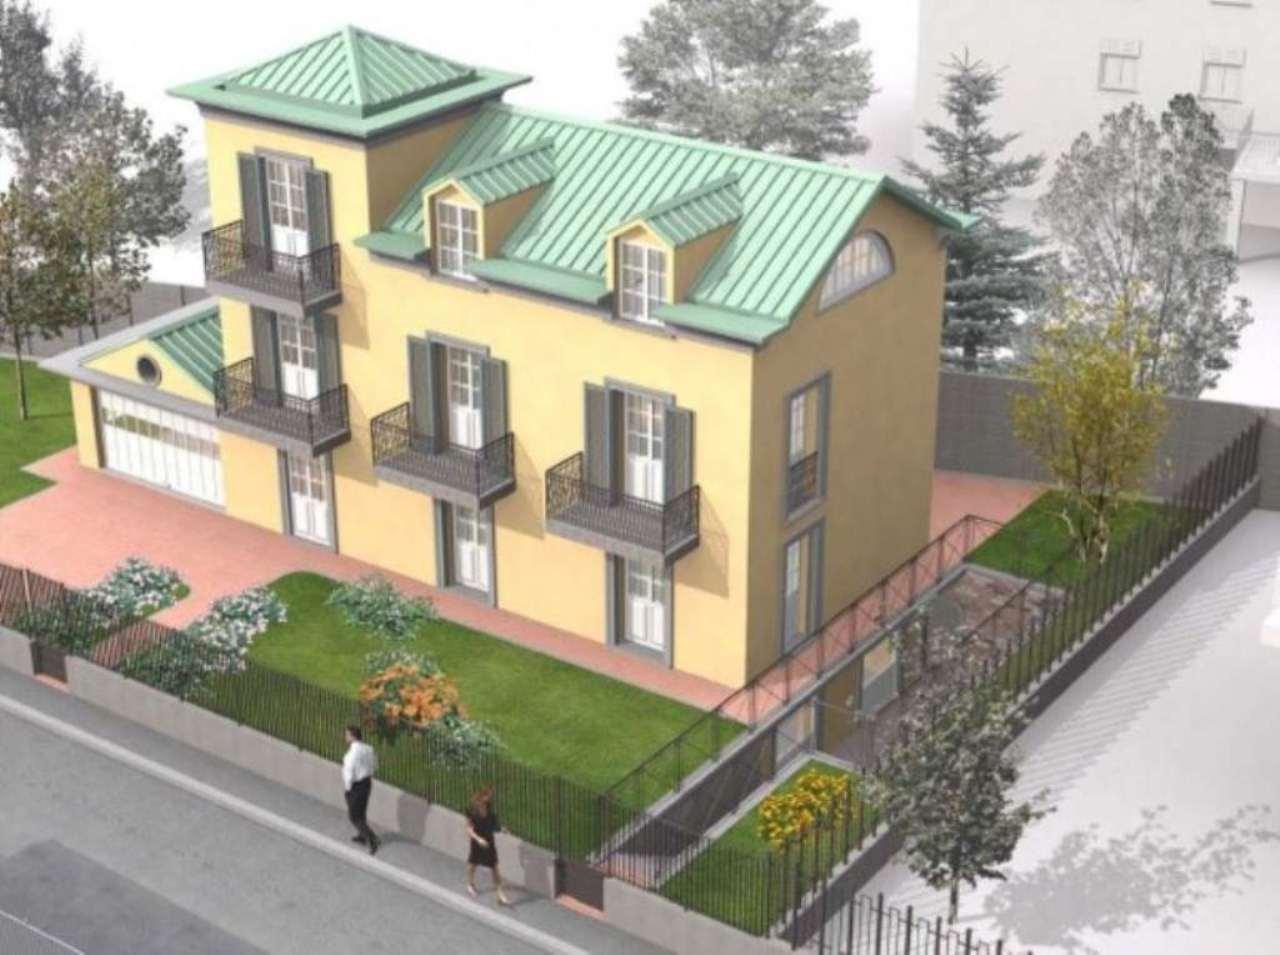 Terreno Edificabile Residenziale in vendita a Treviglio, 9999 locali, Trattative riservate | CambioCasa.it